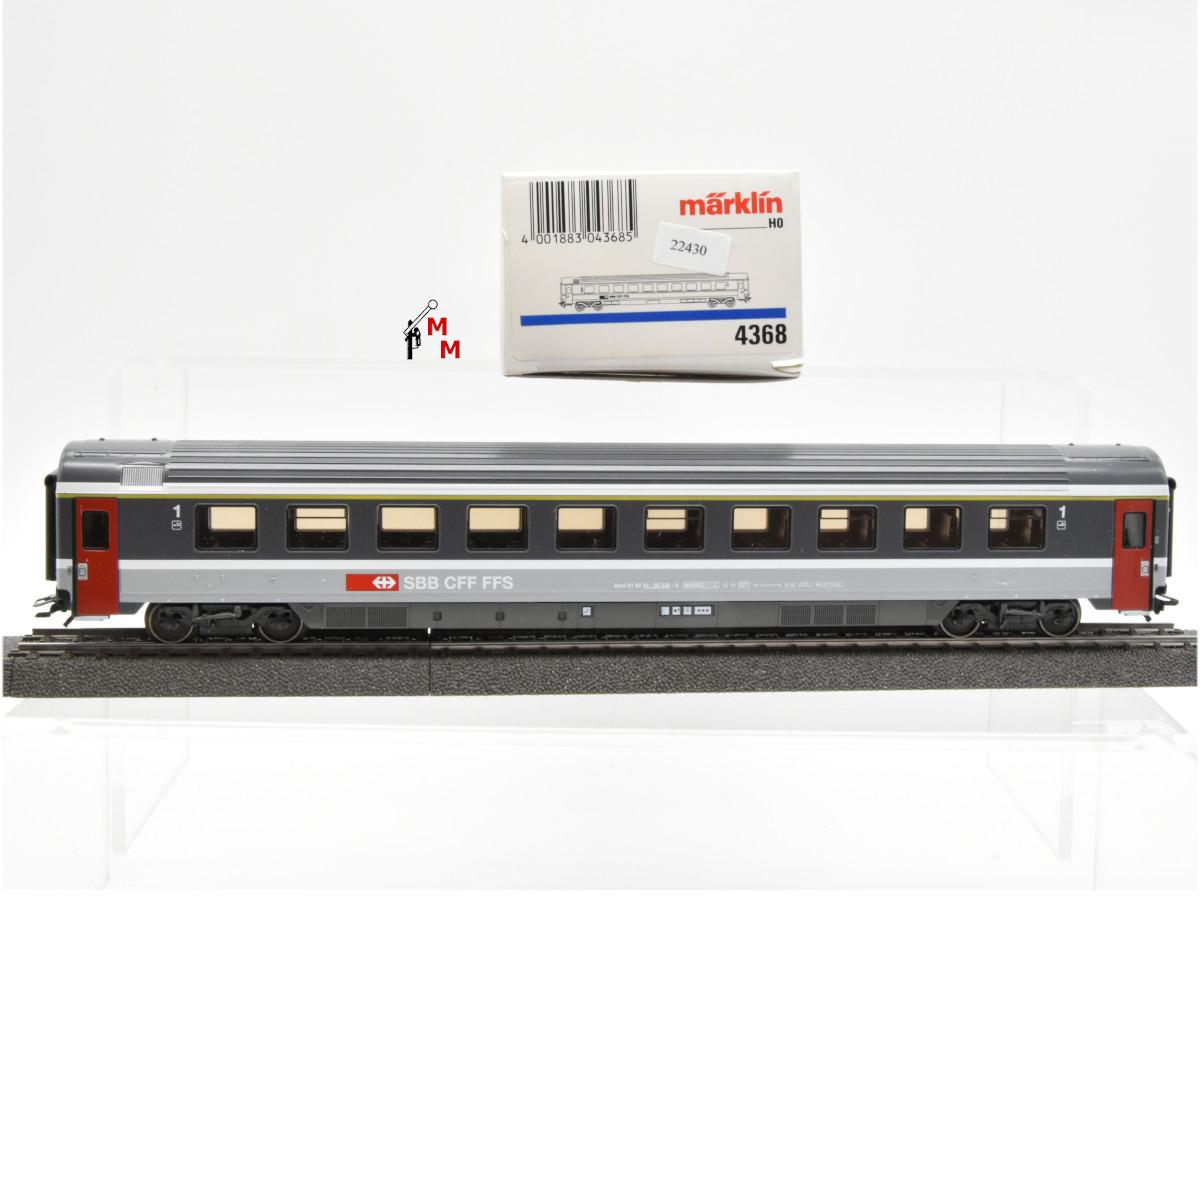 Märklin 4368.1 EuroCity-Wagen 1.Kl., SBB, (22430)